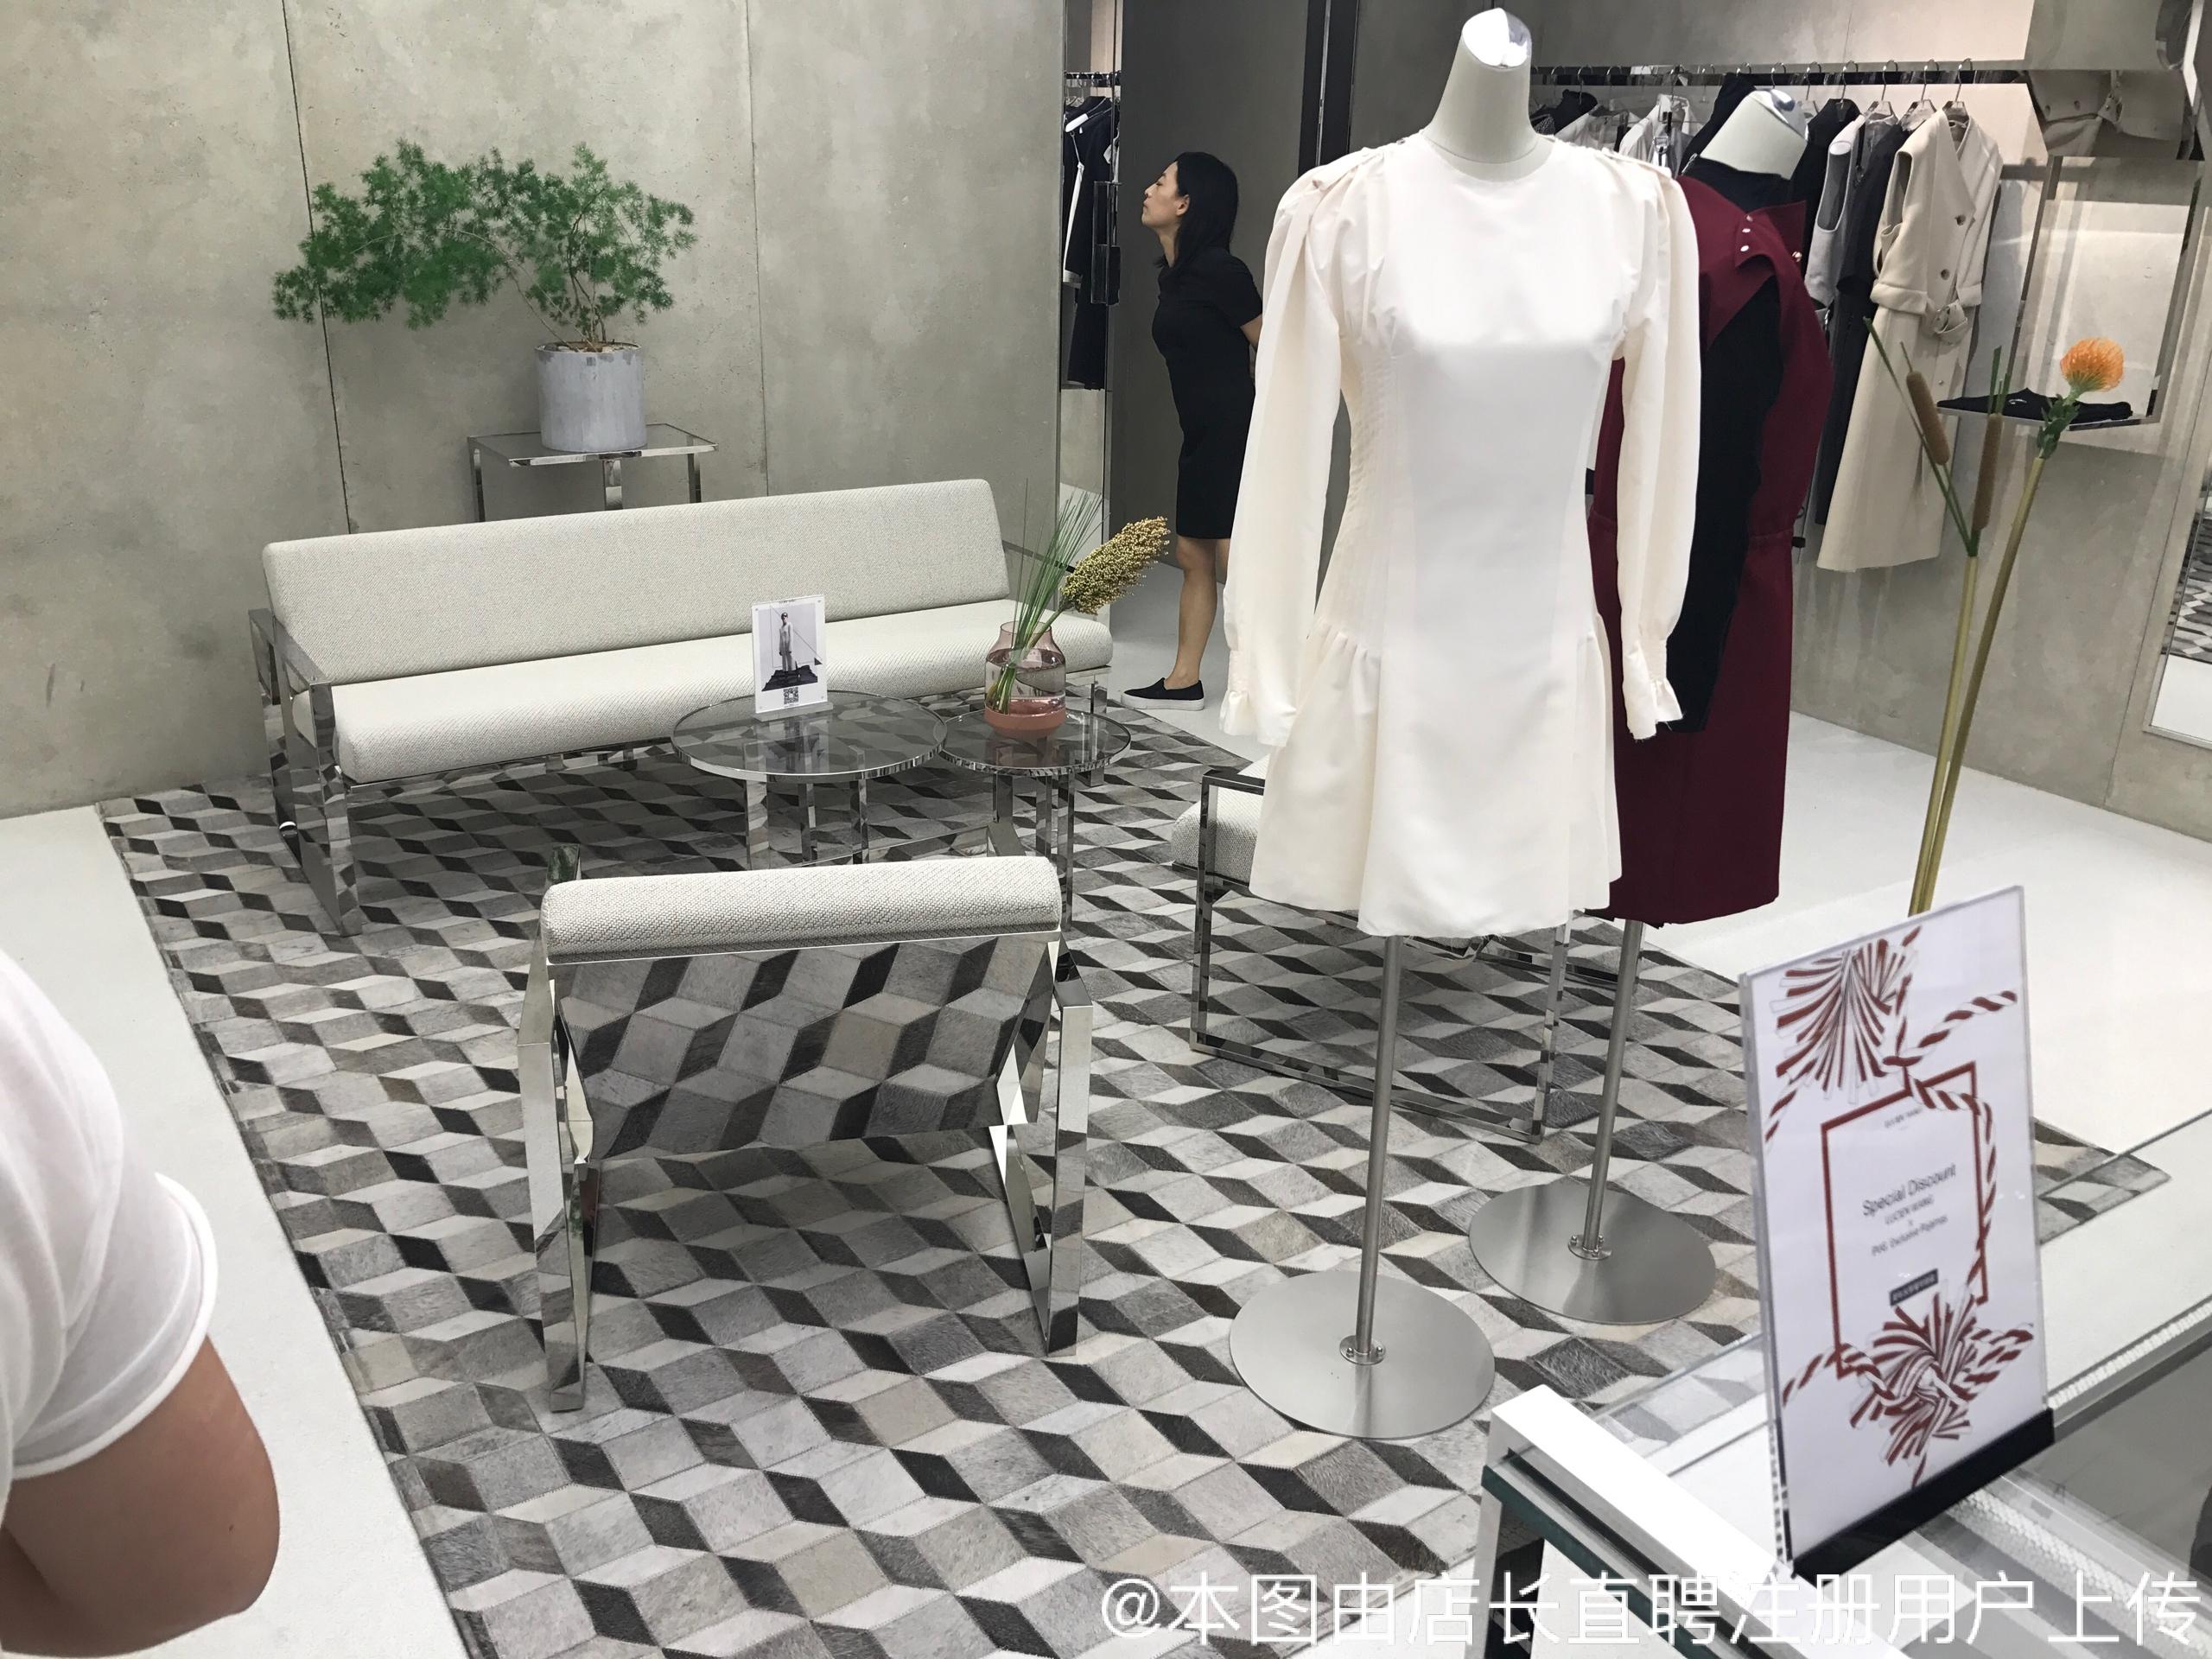 麓森国际服装(北京)有限公司第一分公司